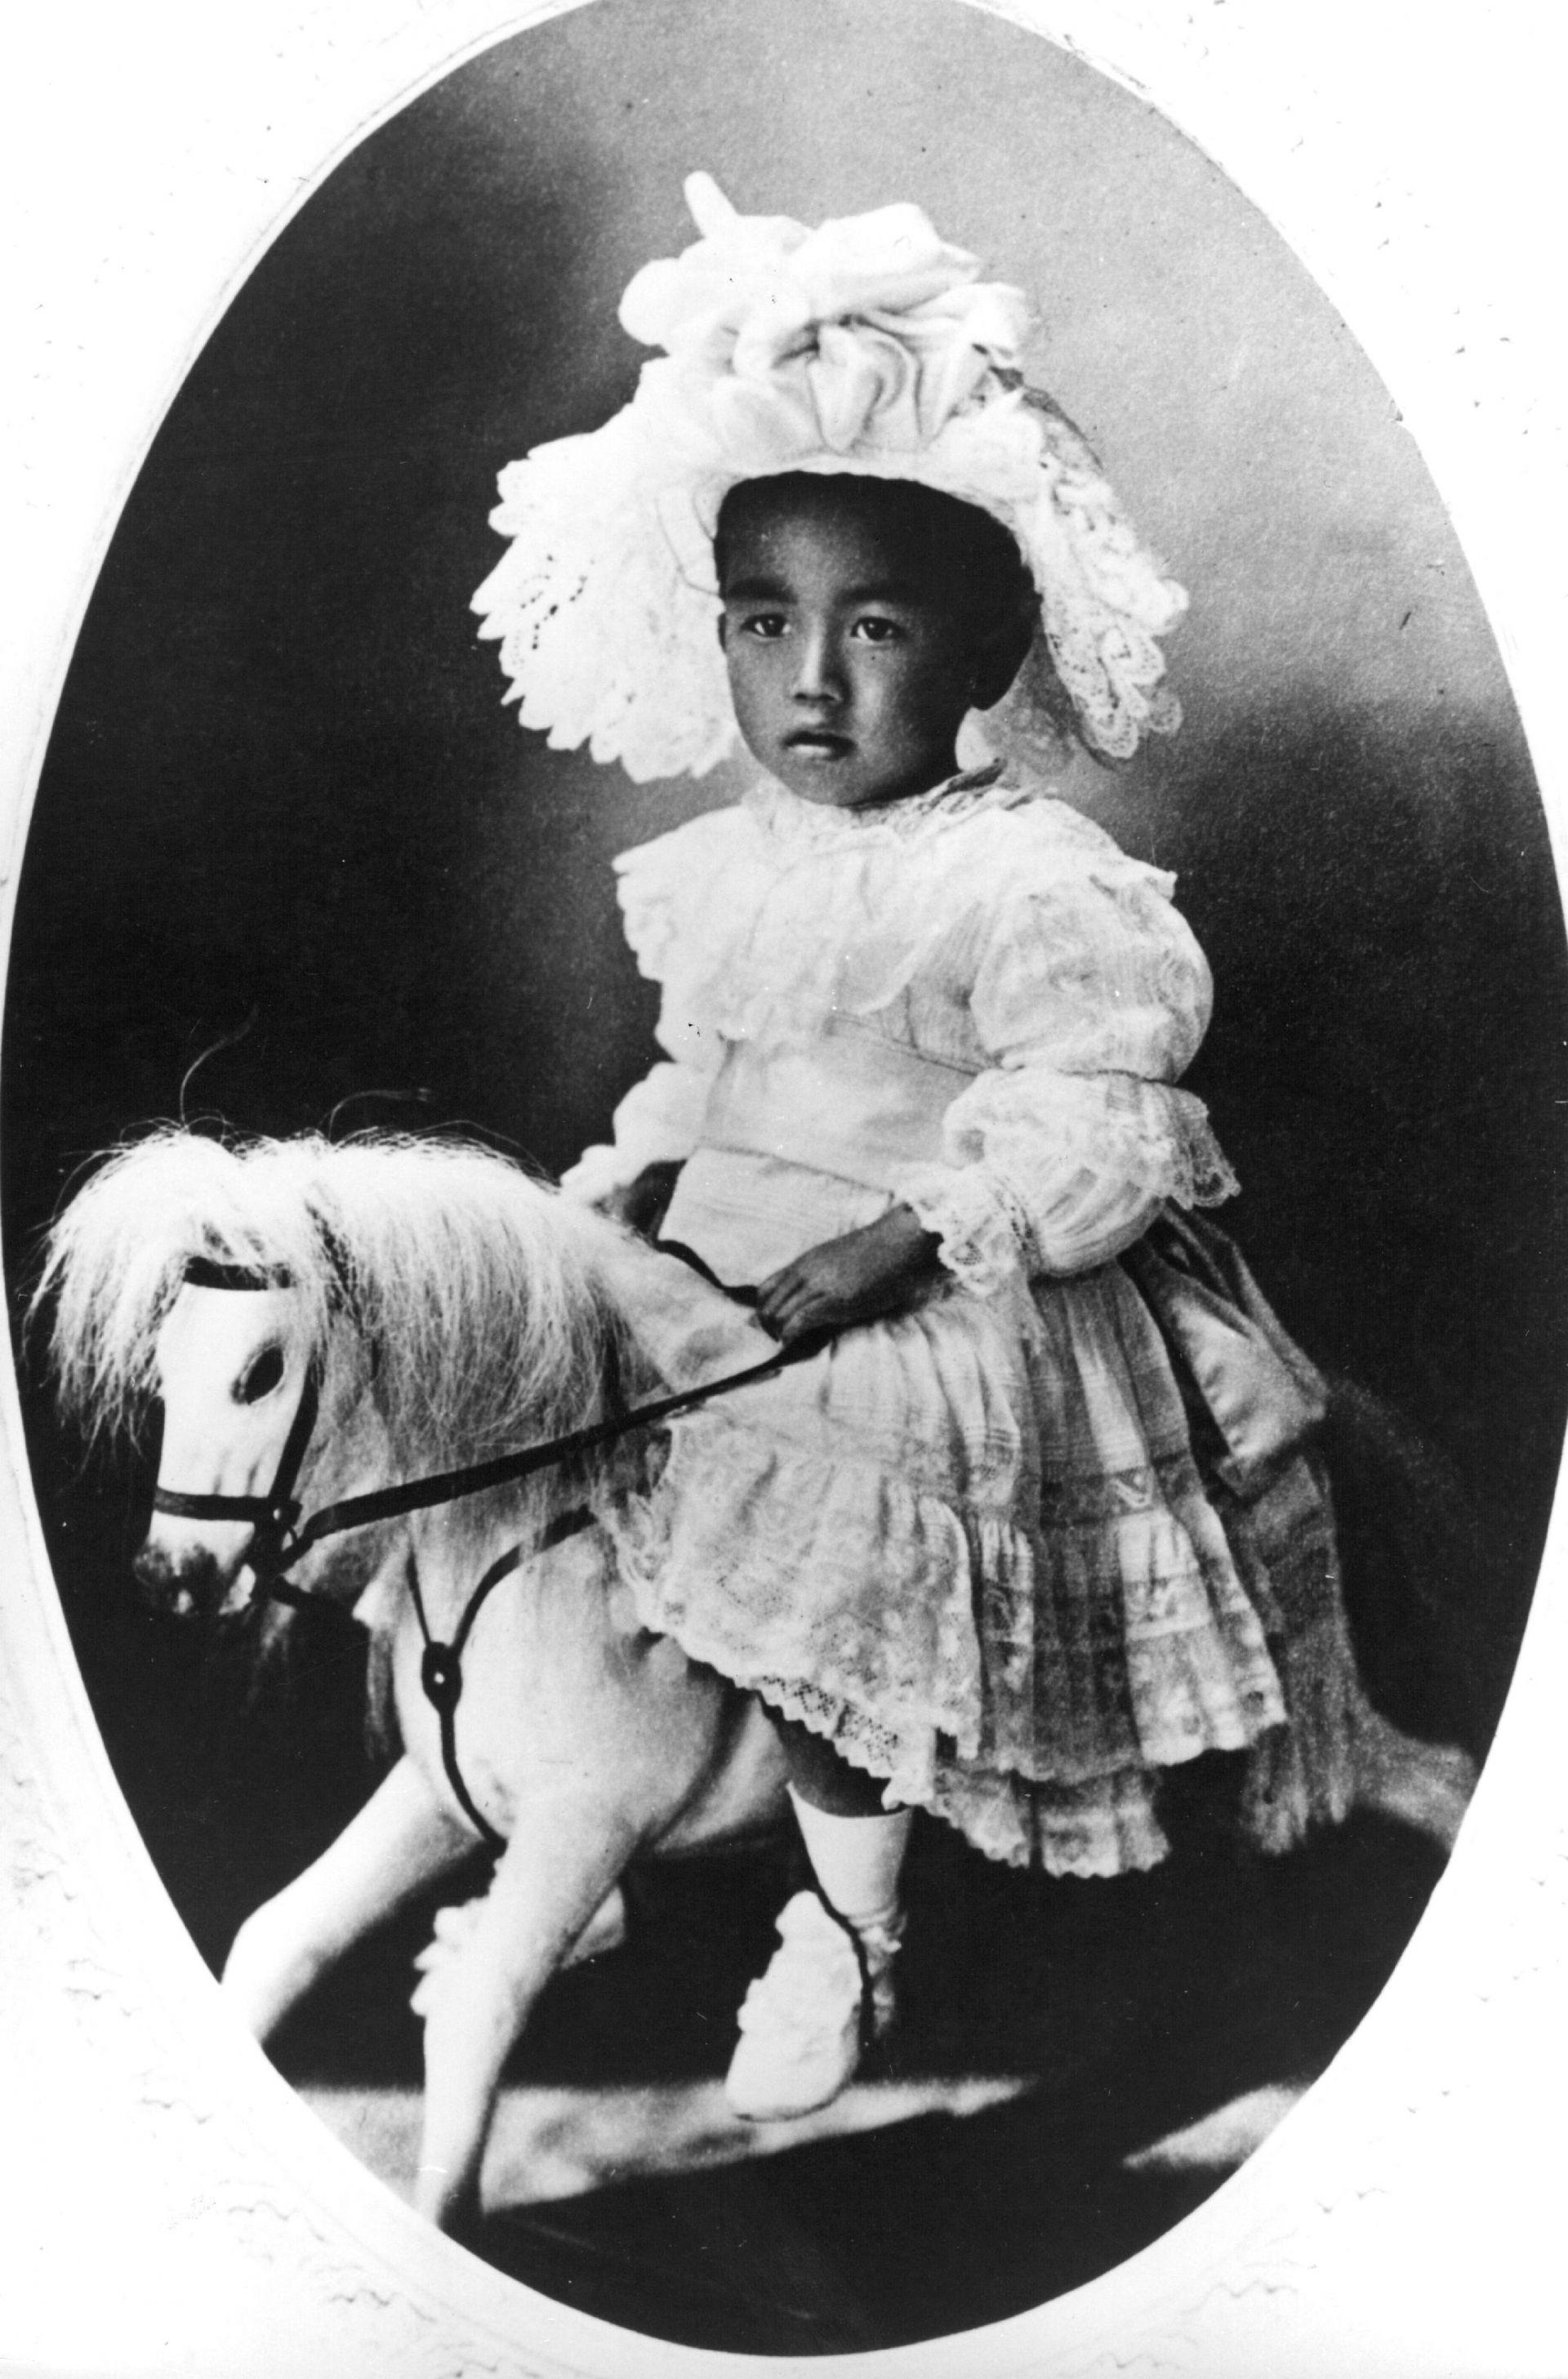 Император Хирохито като малко дете (на три години), возещ се на своя люлеещ се кон